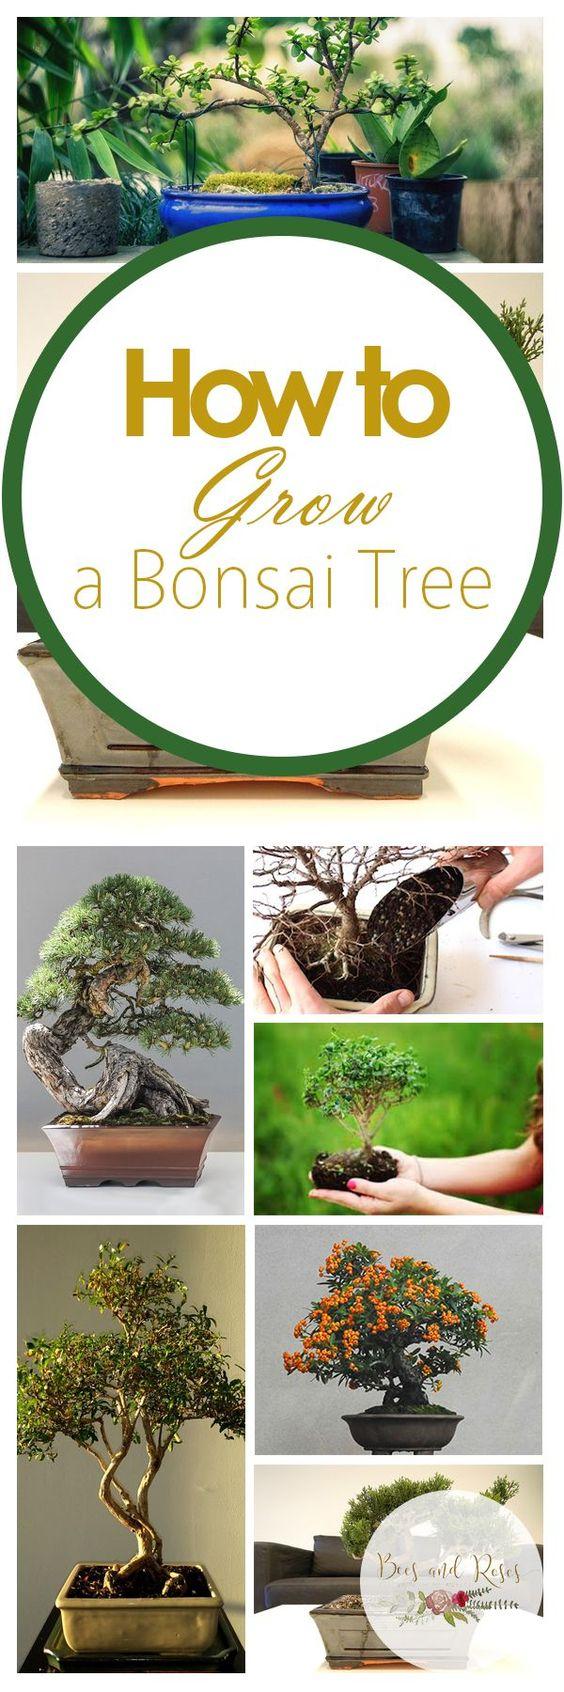 学习用我简单(和简单)的室内园艺指南种植盆景树。照顾盆景树是一个棘手的过程,用它来帮助!